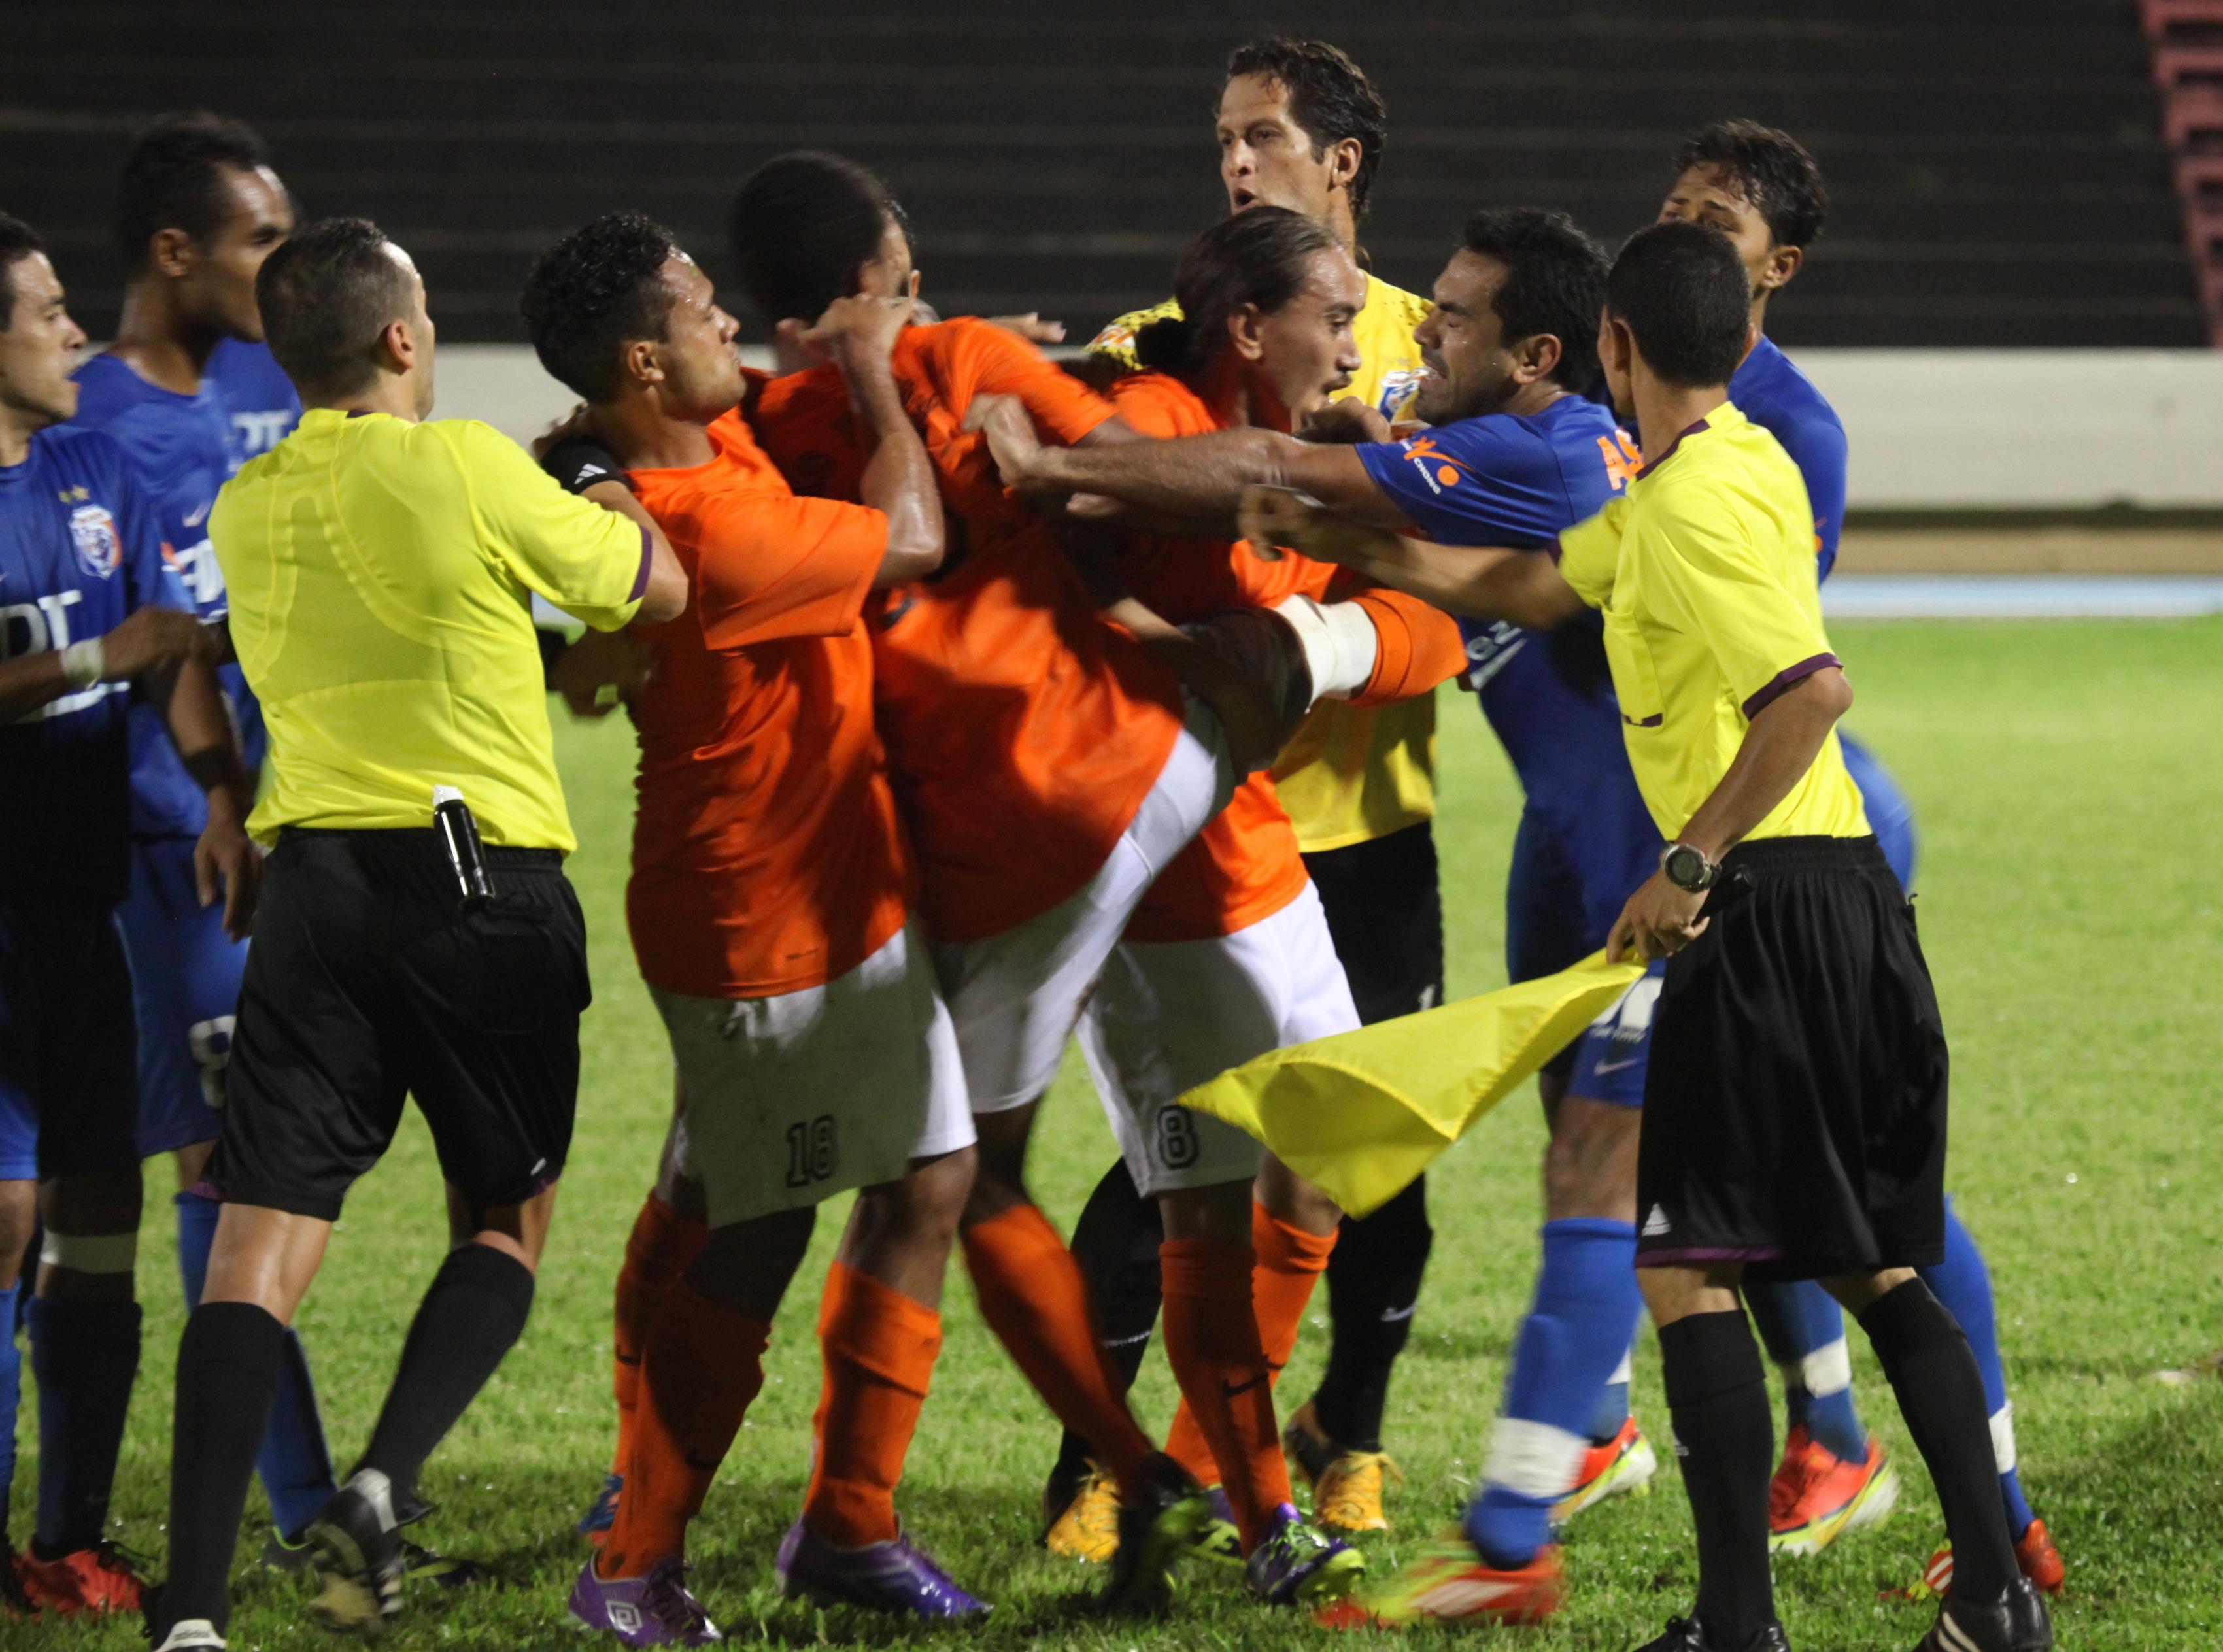 Football championnat de ligue 1 – De la tension et du suspense !